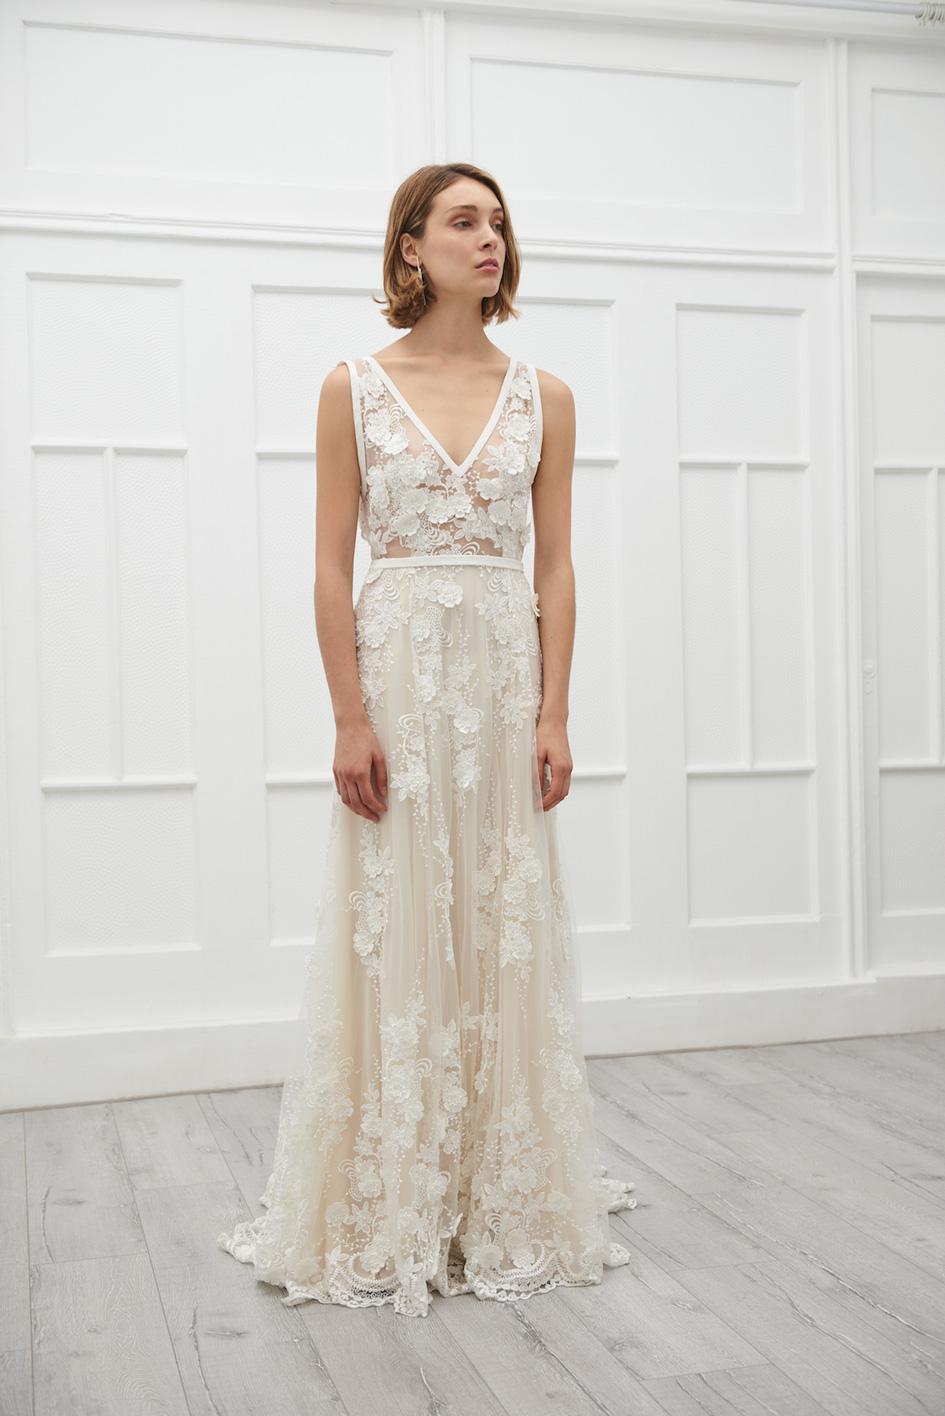 9b22b95c De har en helt særlig nordisk minimalisme over sig og deres grafiske  skarphed gør dem særlig og smukke lige som en unik brudekjole skal være.